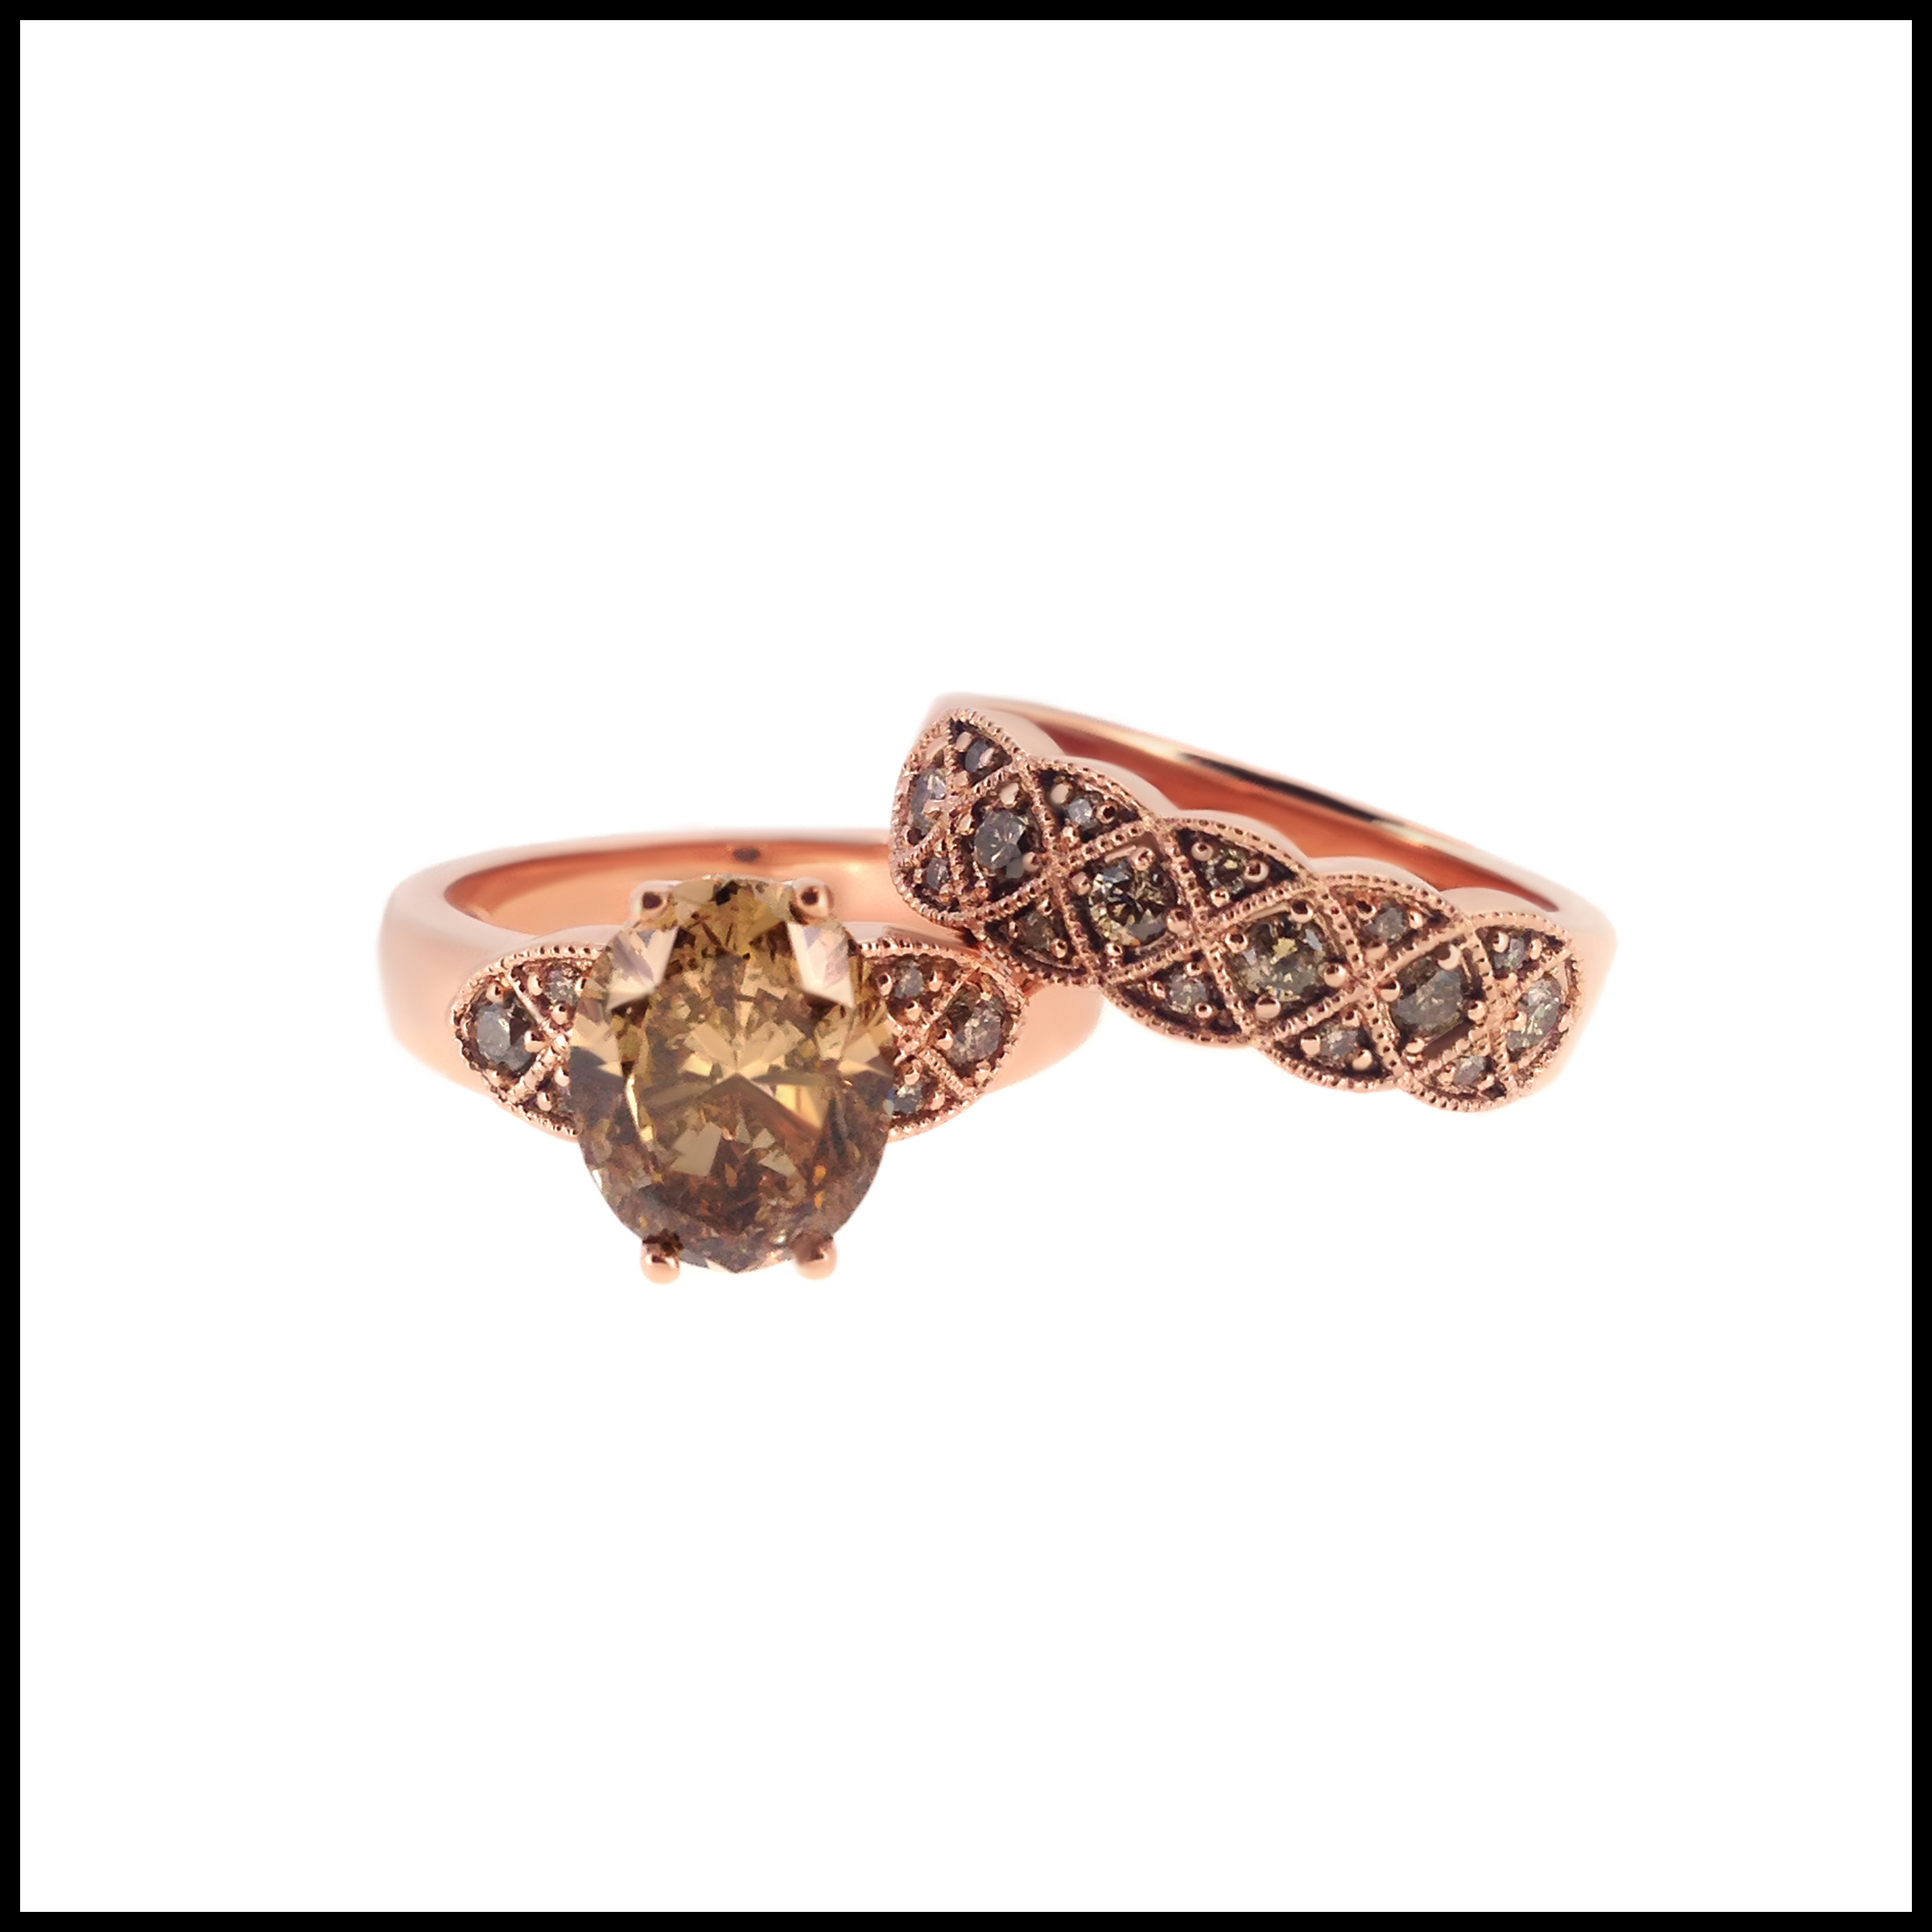 rose gold engagement ring and wedding band- haywards of hong kong